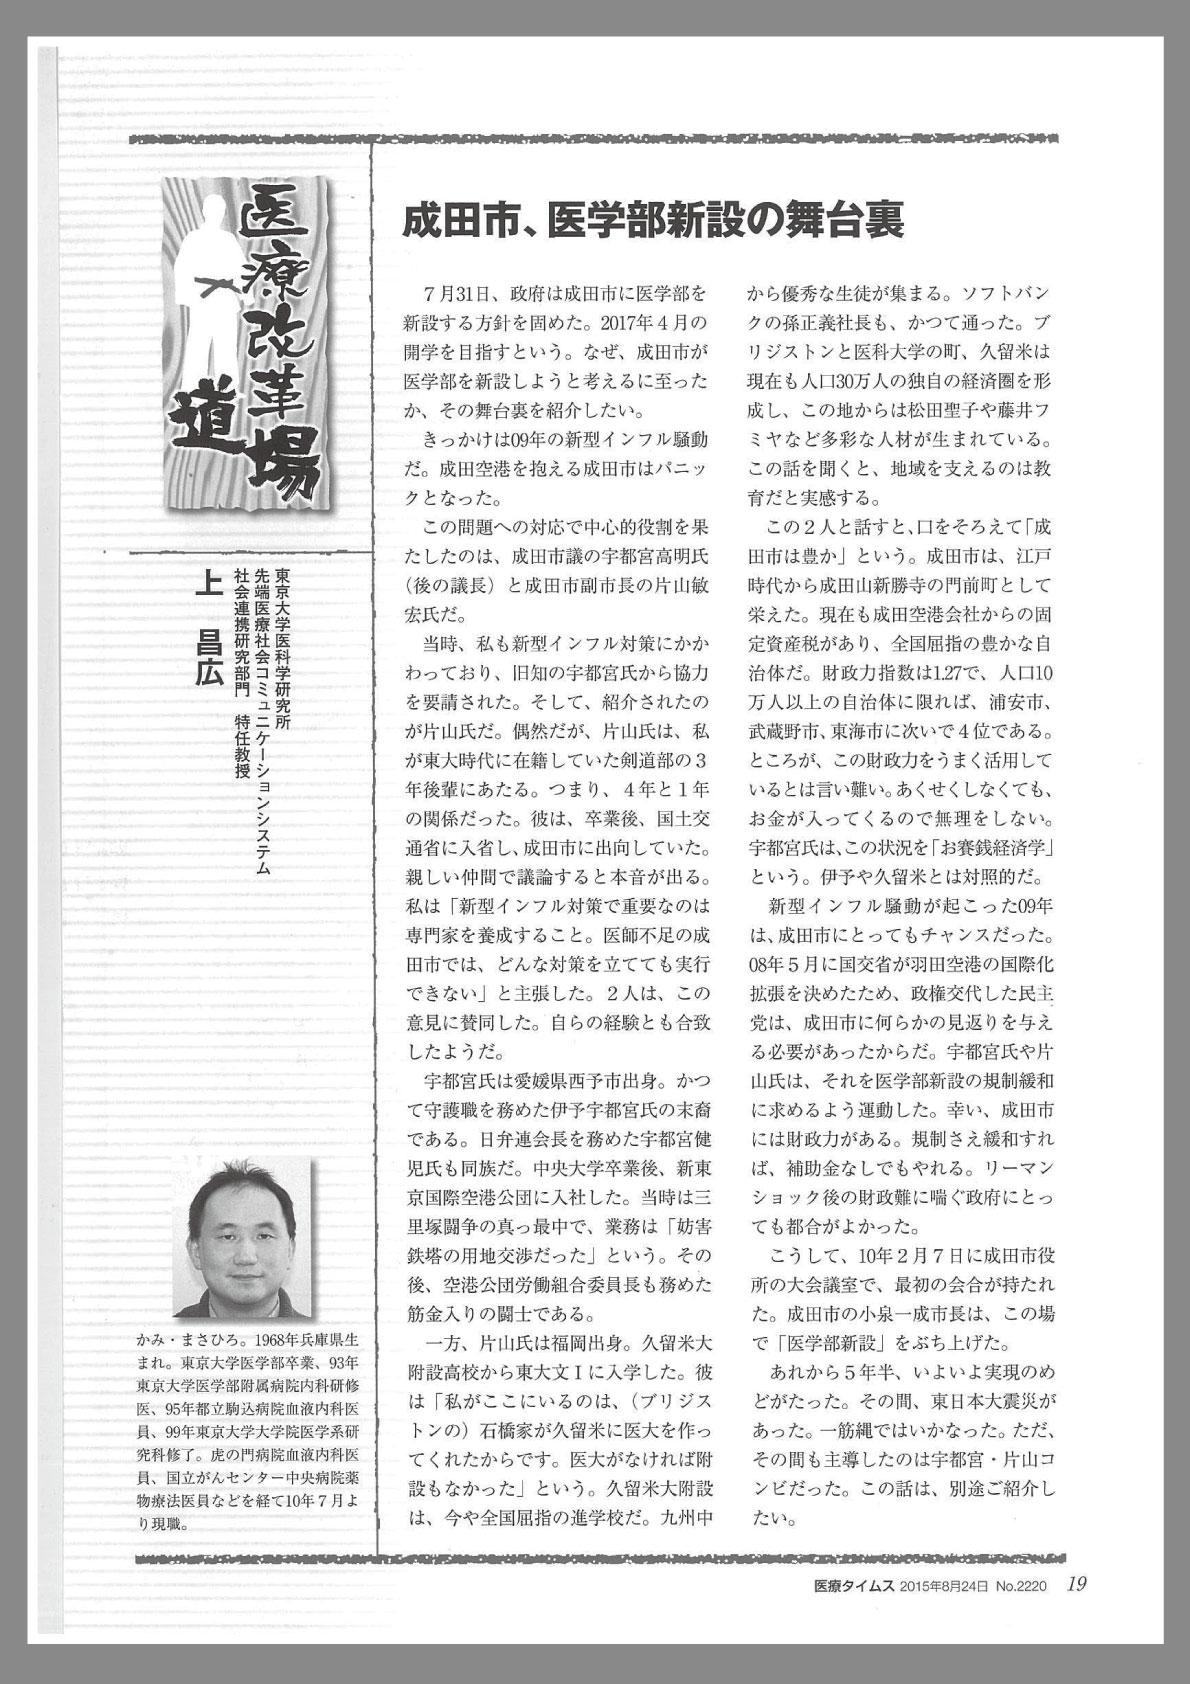 【医療タイムス20150824】成田市、医学部新設の舞台裏(上昌広)